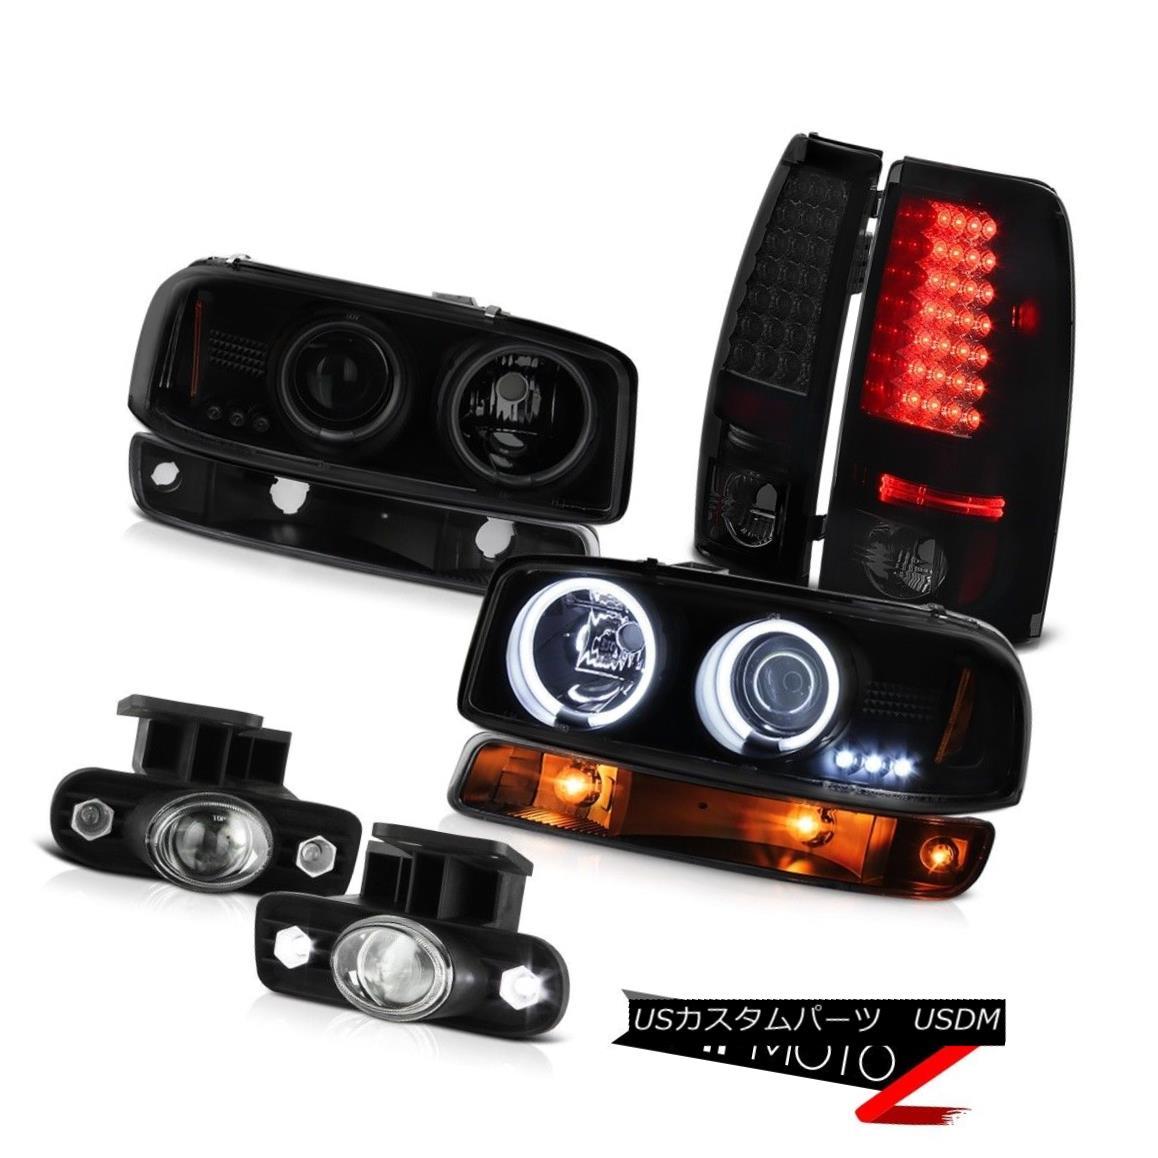 テールライト 99-02 Sierra SLE Foglights led taillamps matte black signal lamp ccfl headlights 99-02シエラSLE Foglightsはテールランプマットブラックシグナルランプccflヘッドライトを導いた